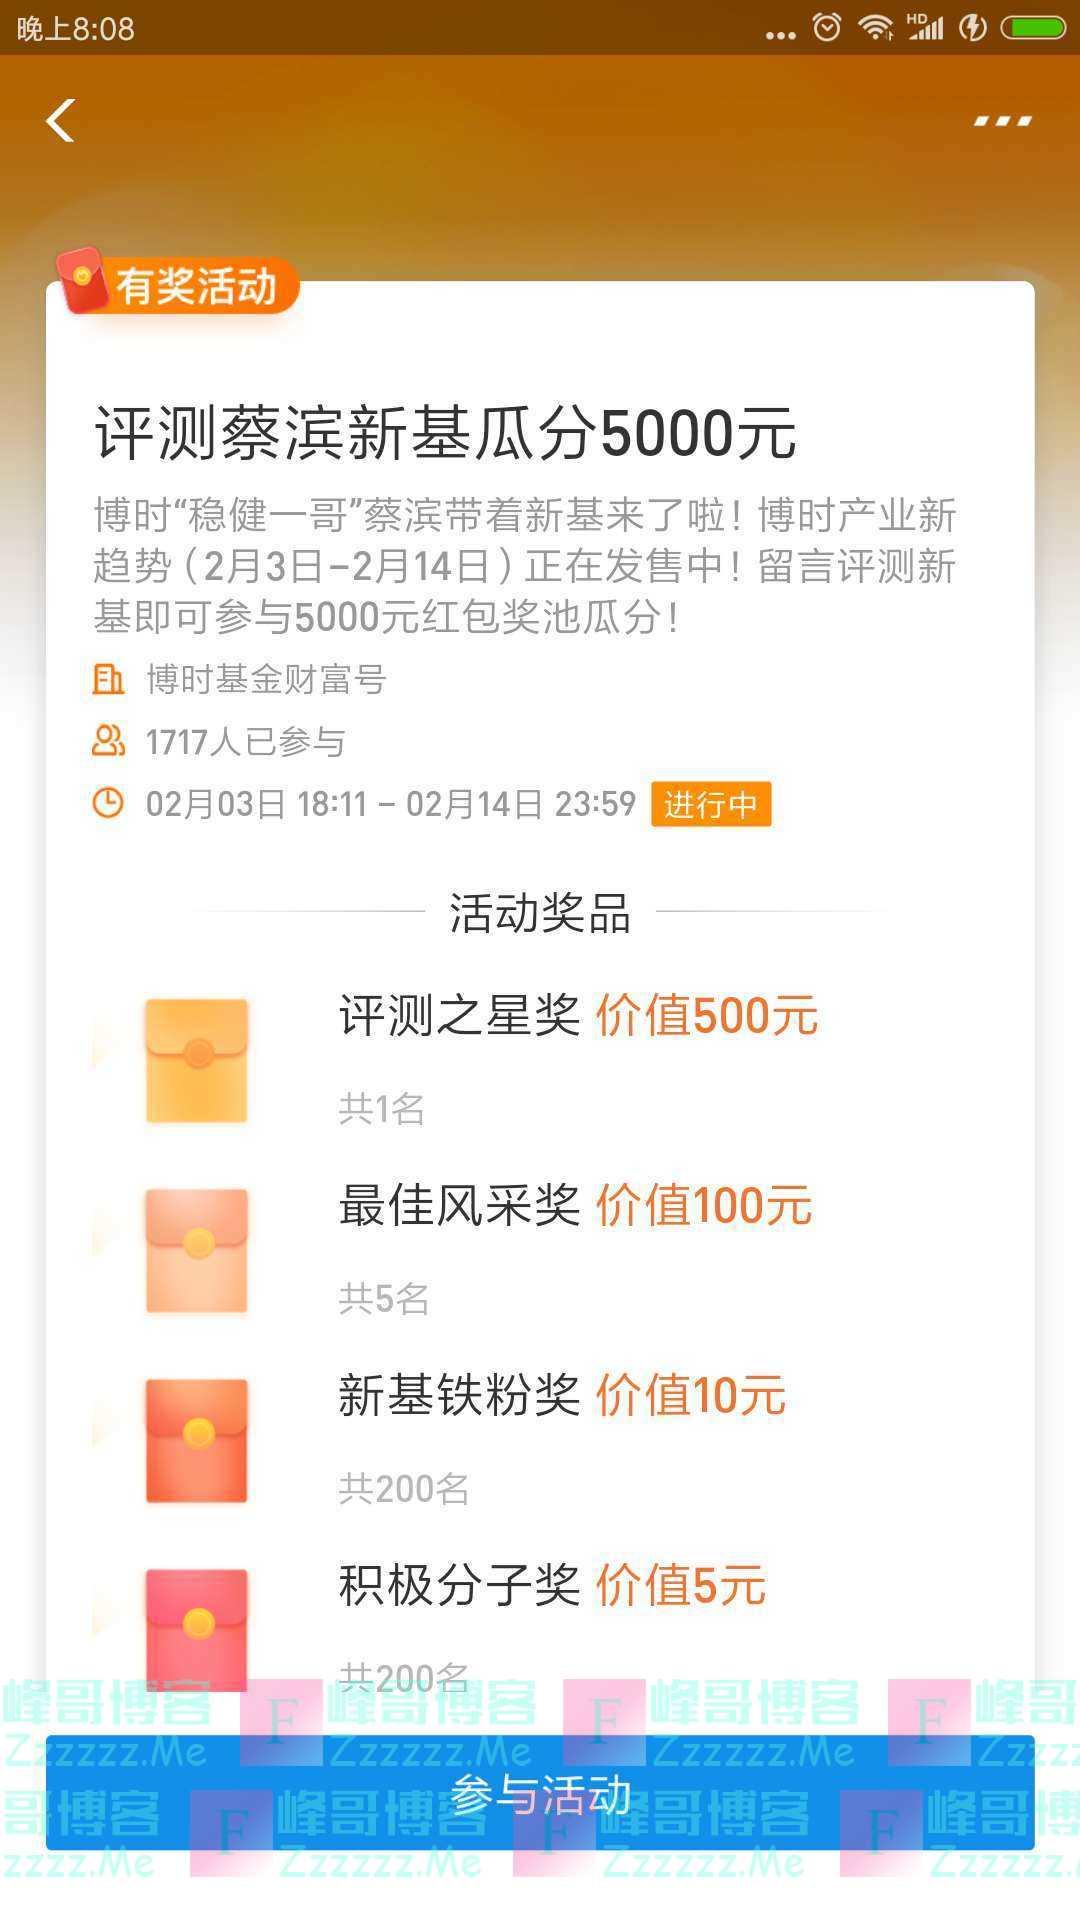 博时基金评测蔡滨新基瓜分5000元(截止2月14日)